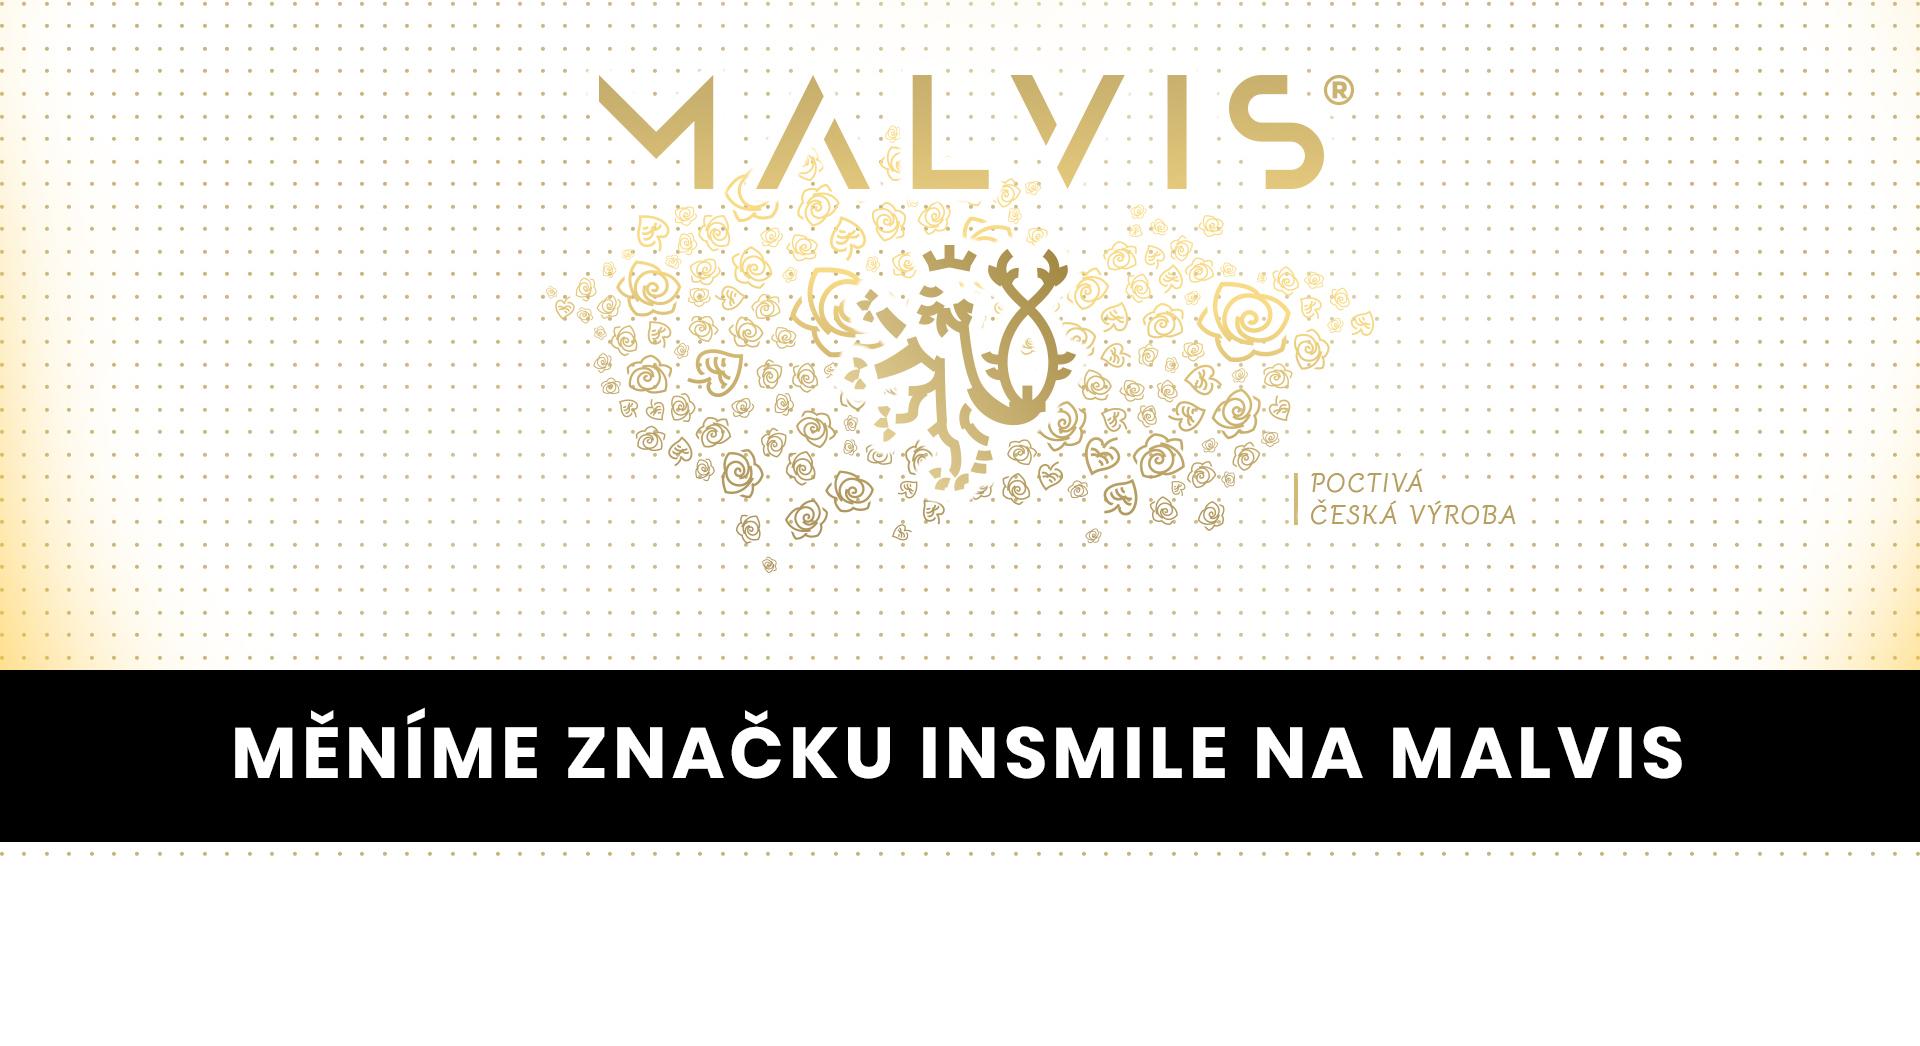 InSmile je nyní Malvis